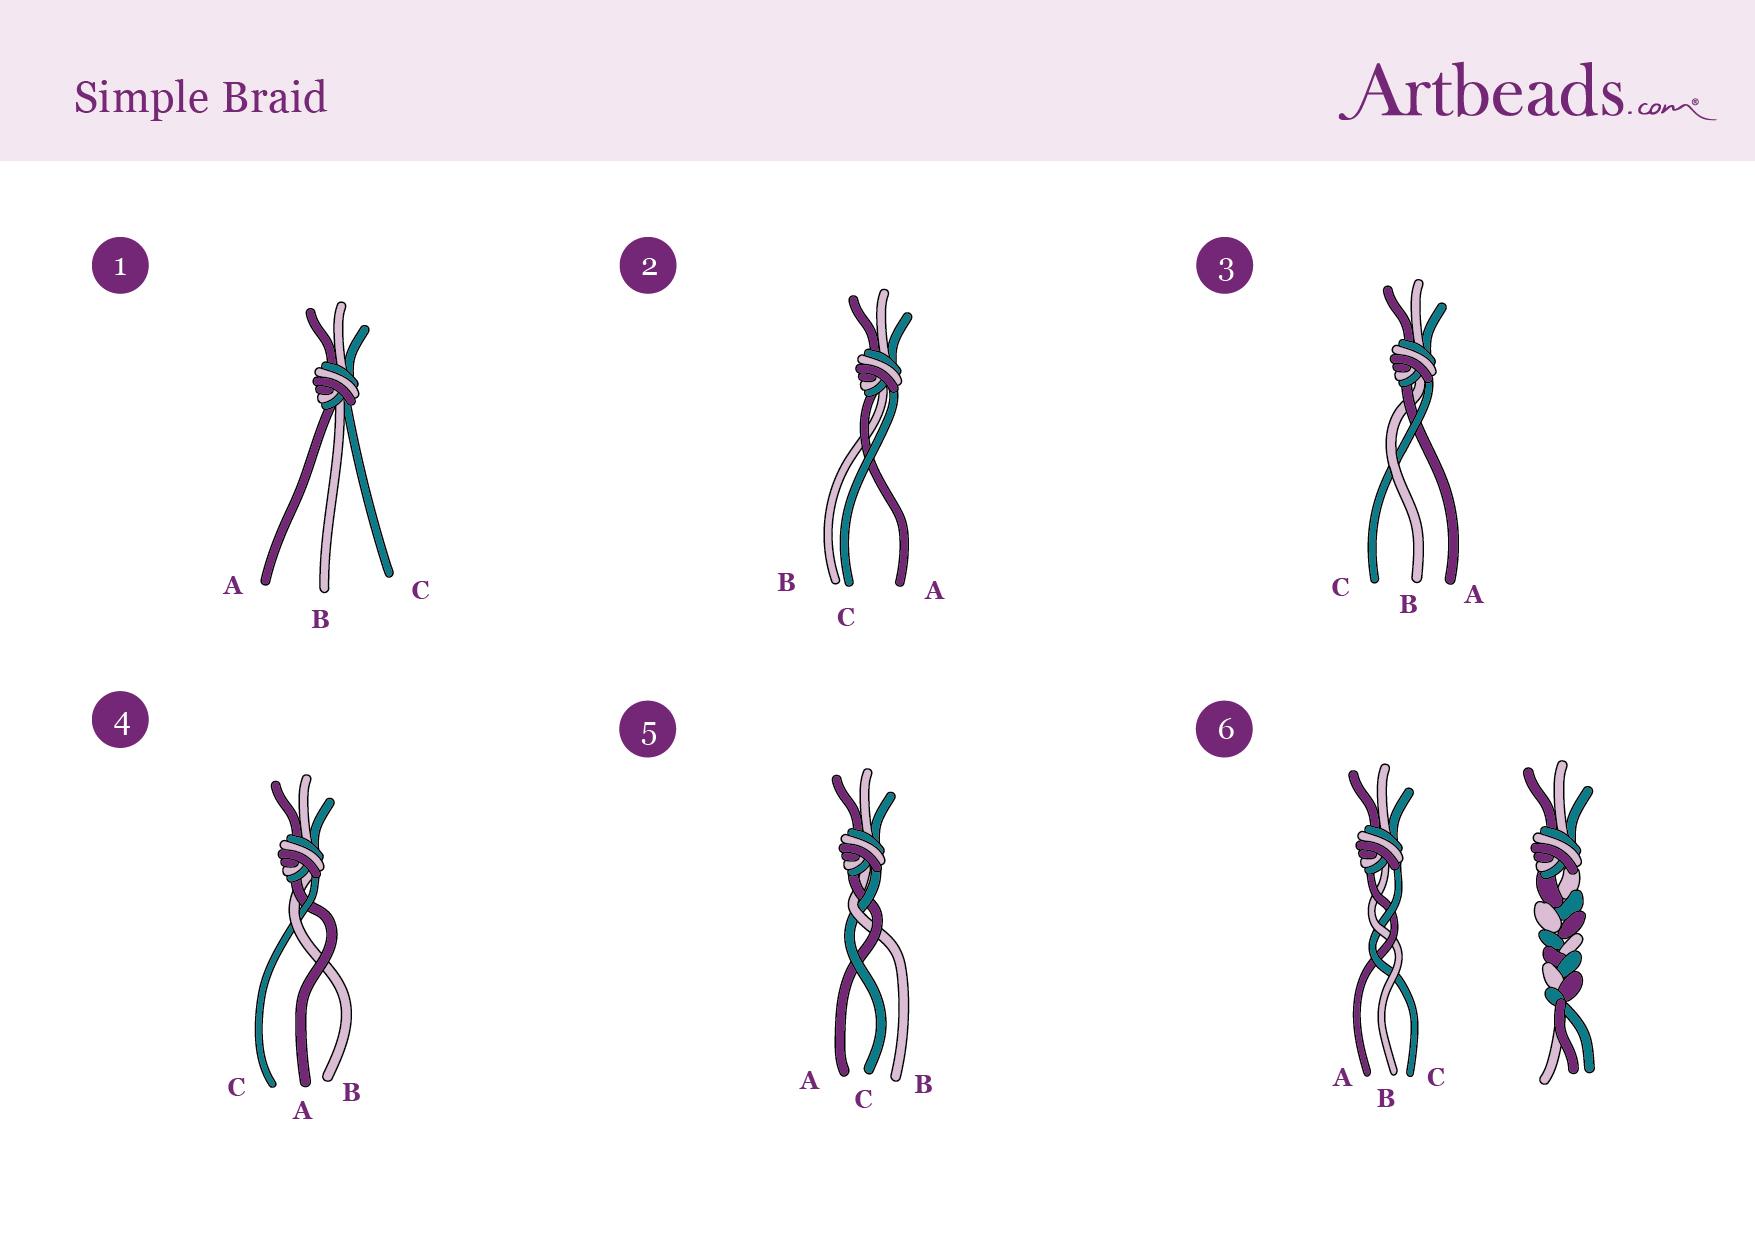 Simple Braid Diagram full